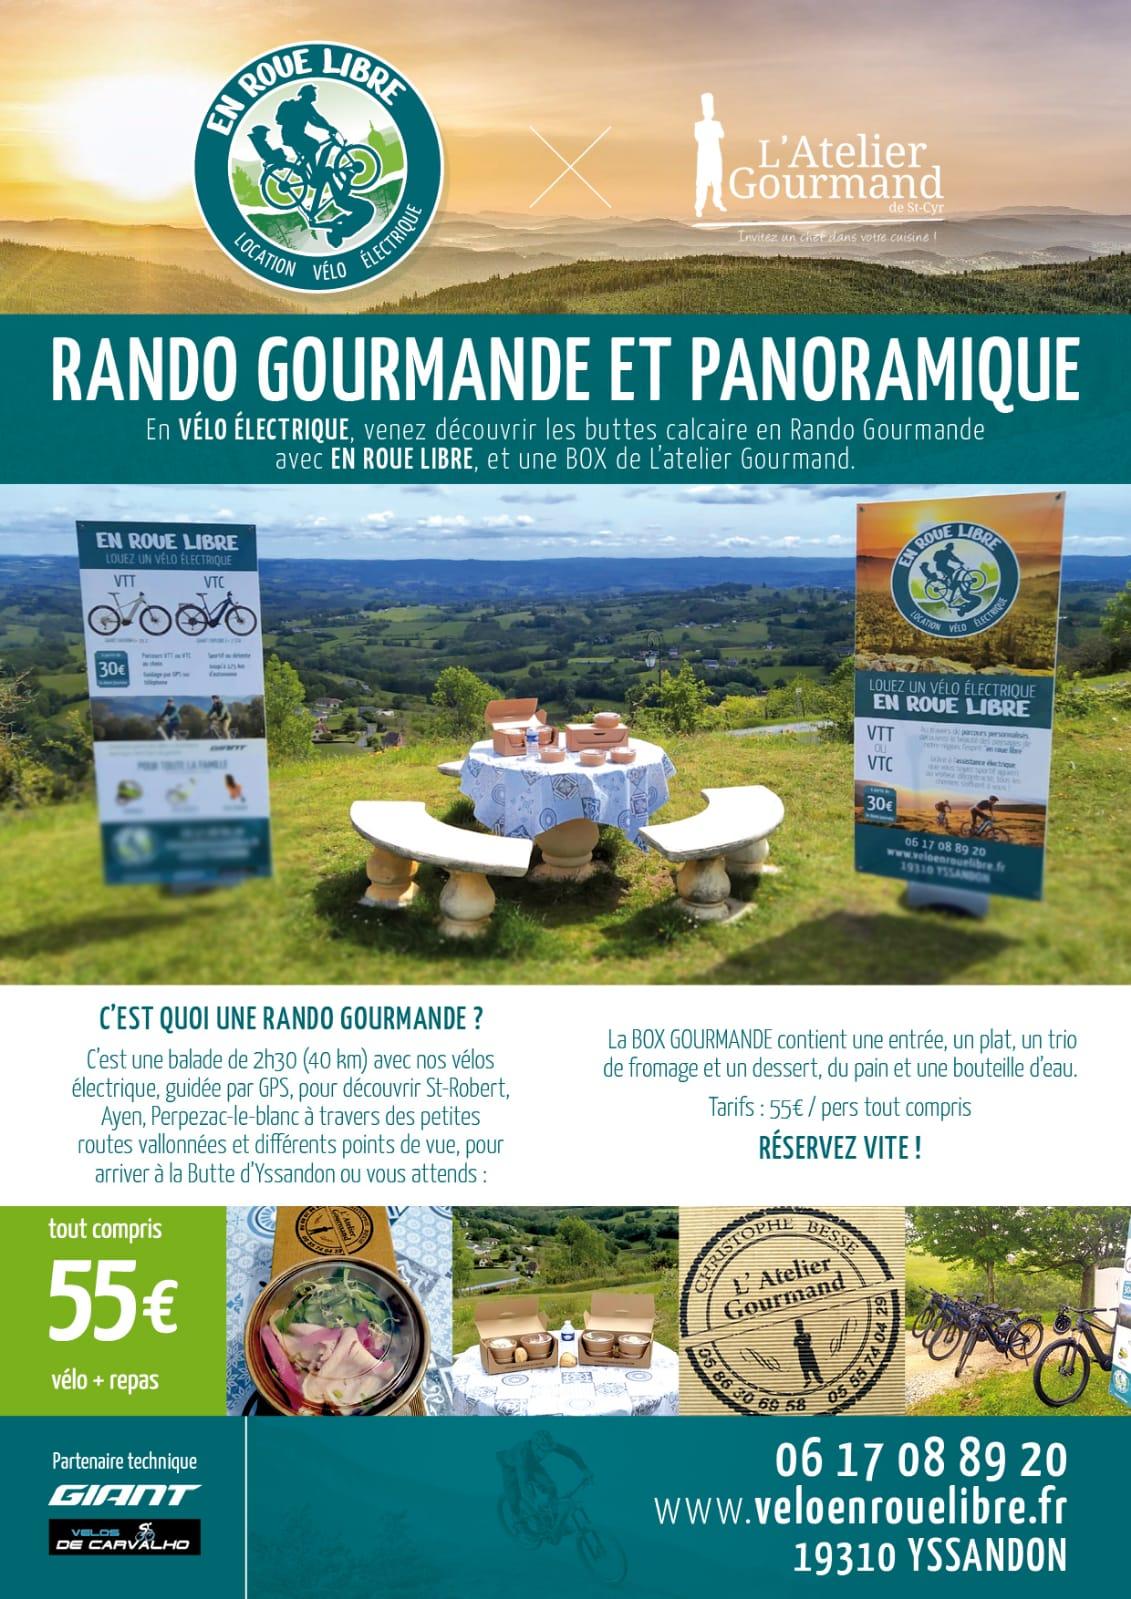 Rando Gourmande et panoramique en Corrèze